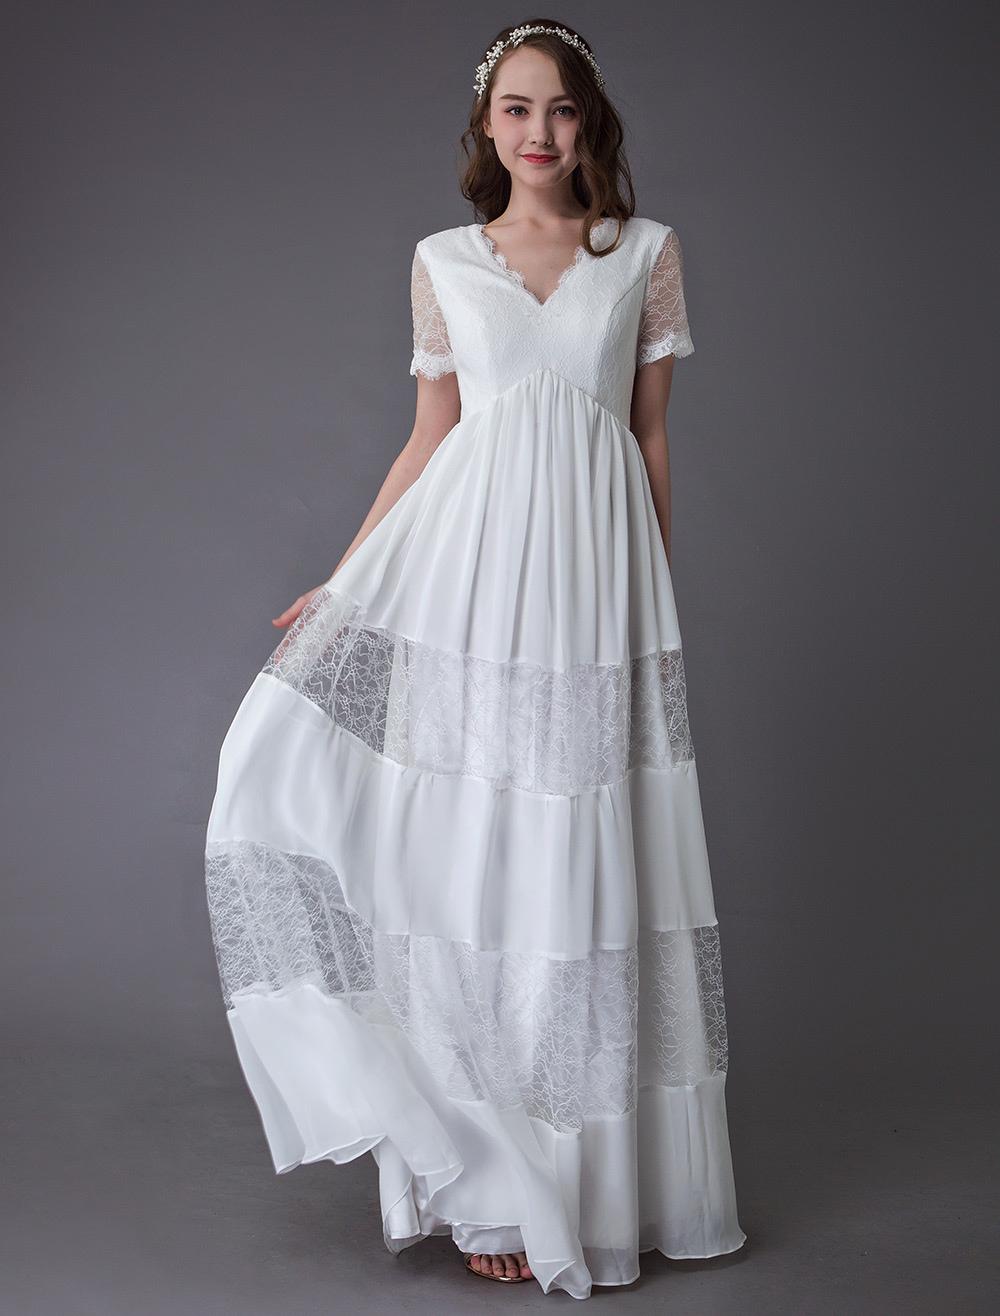 Boho Wedding Dresses Lace Chiffon Patchwork Ivory Short Sleeve